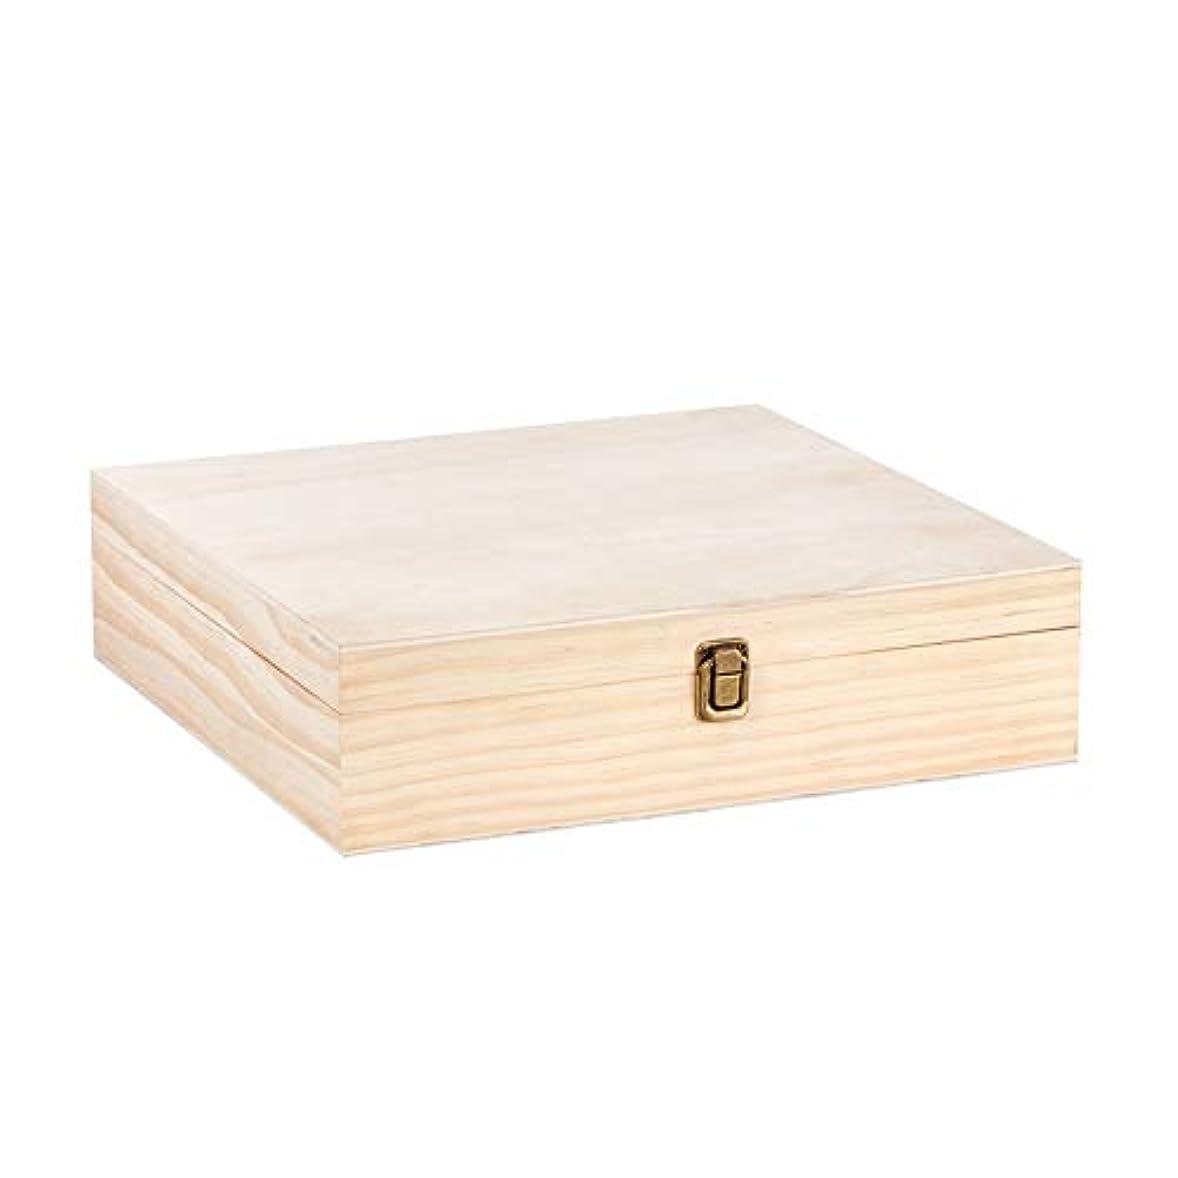 アラスカ減衰先生アロマセラピー収納ボックス 油および10mlのローラーボトル木材油収納ボックス75鍵穴の87種類のスロット12の5?15ミリリットル エッセンシャルオイル収納ボックス (色 : Natural, サイズ : 25.5X25.5X9.5CM)